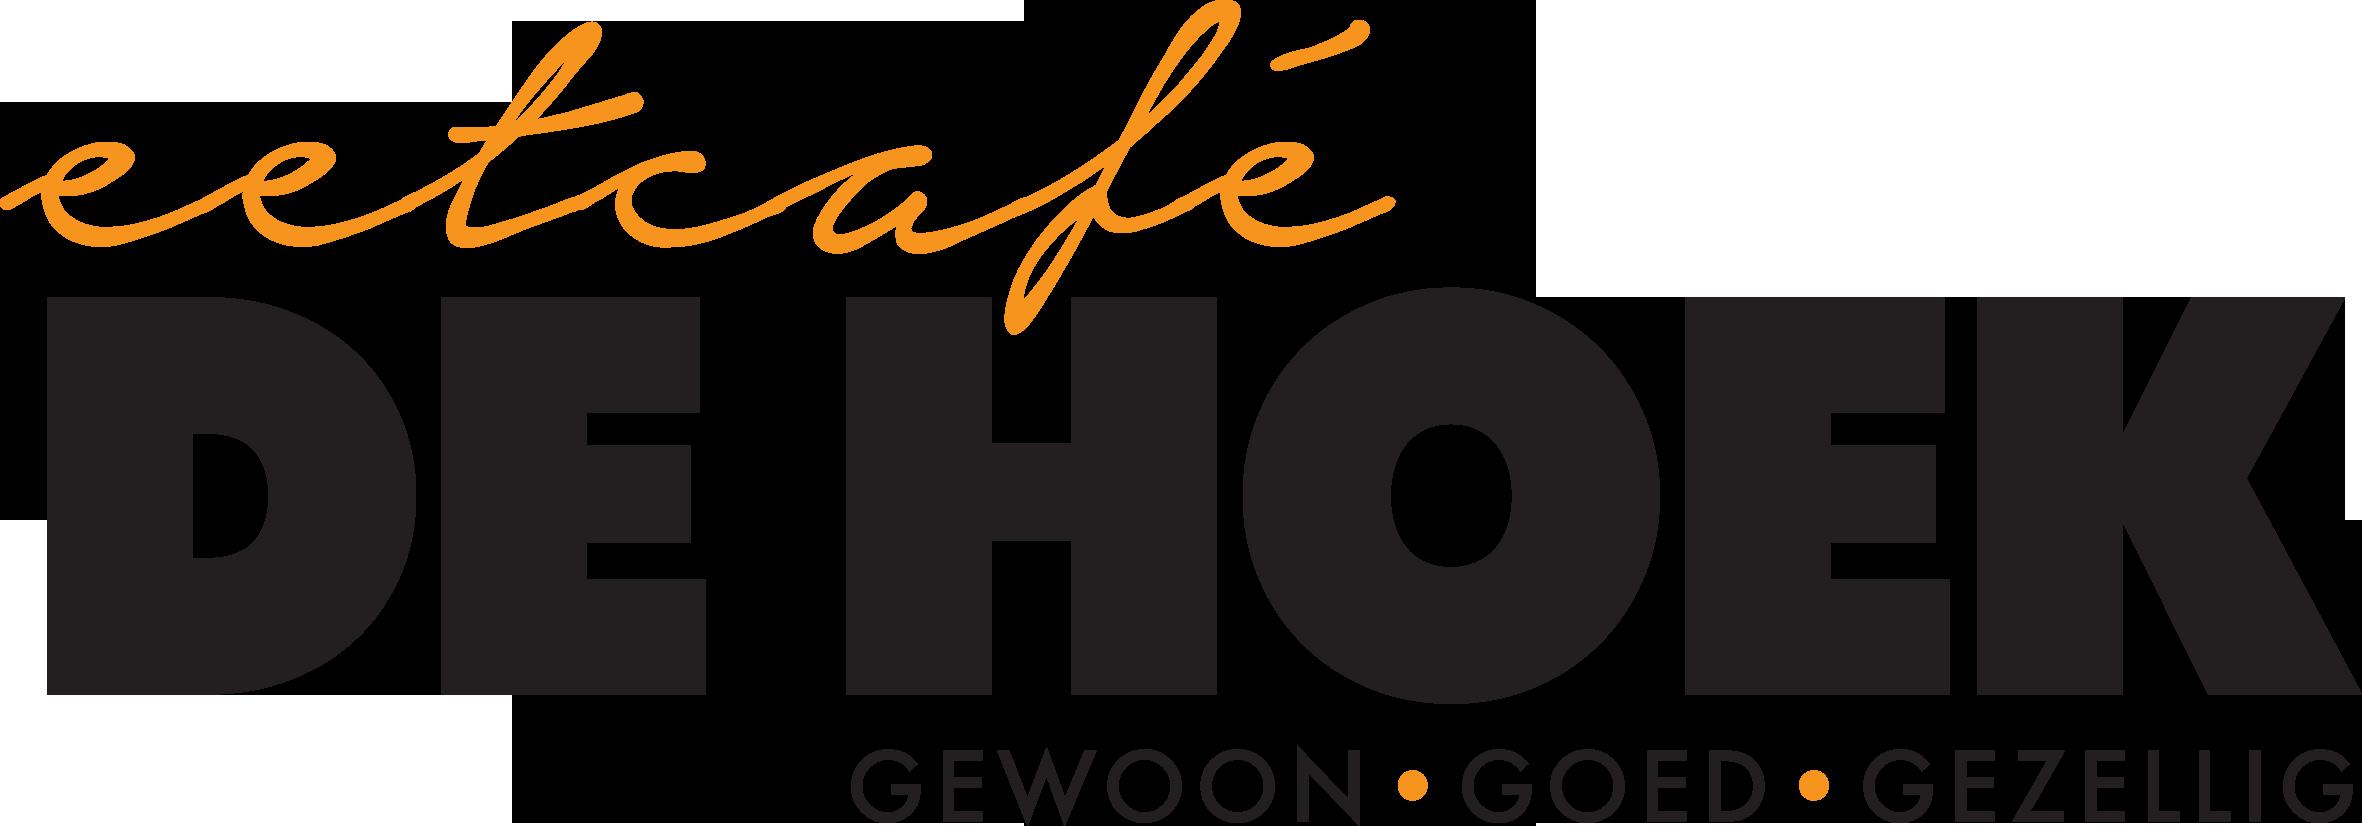 Logo voor Eetcafé De Hoek